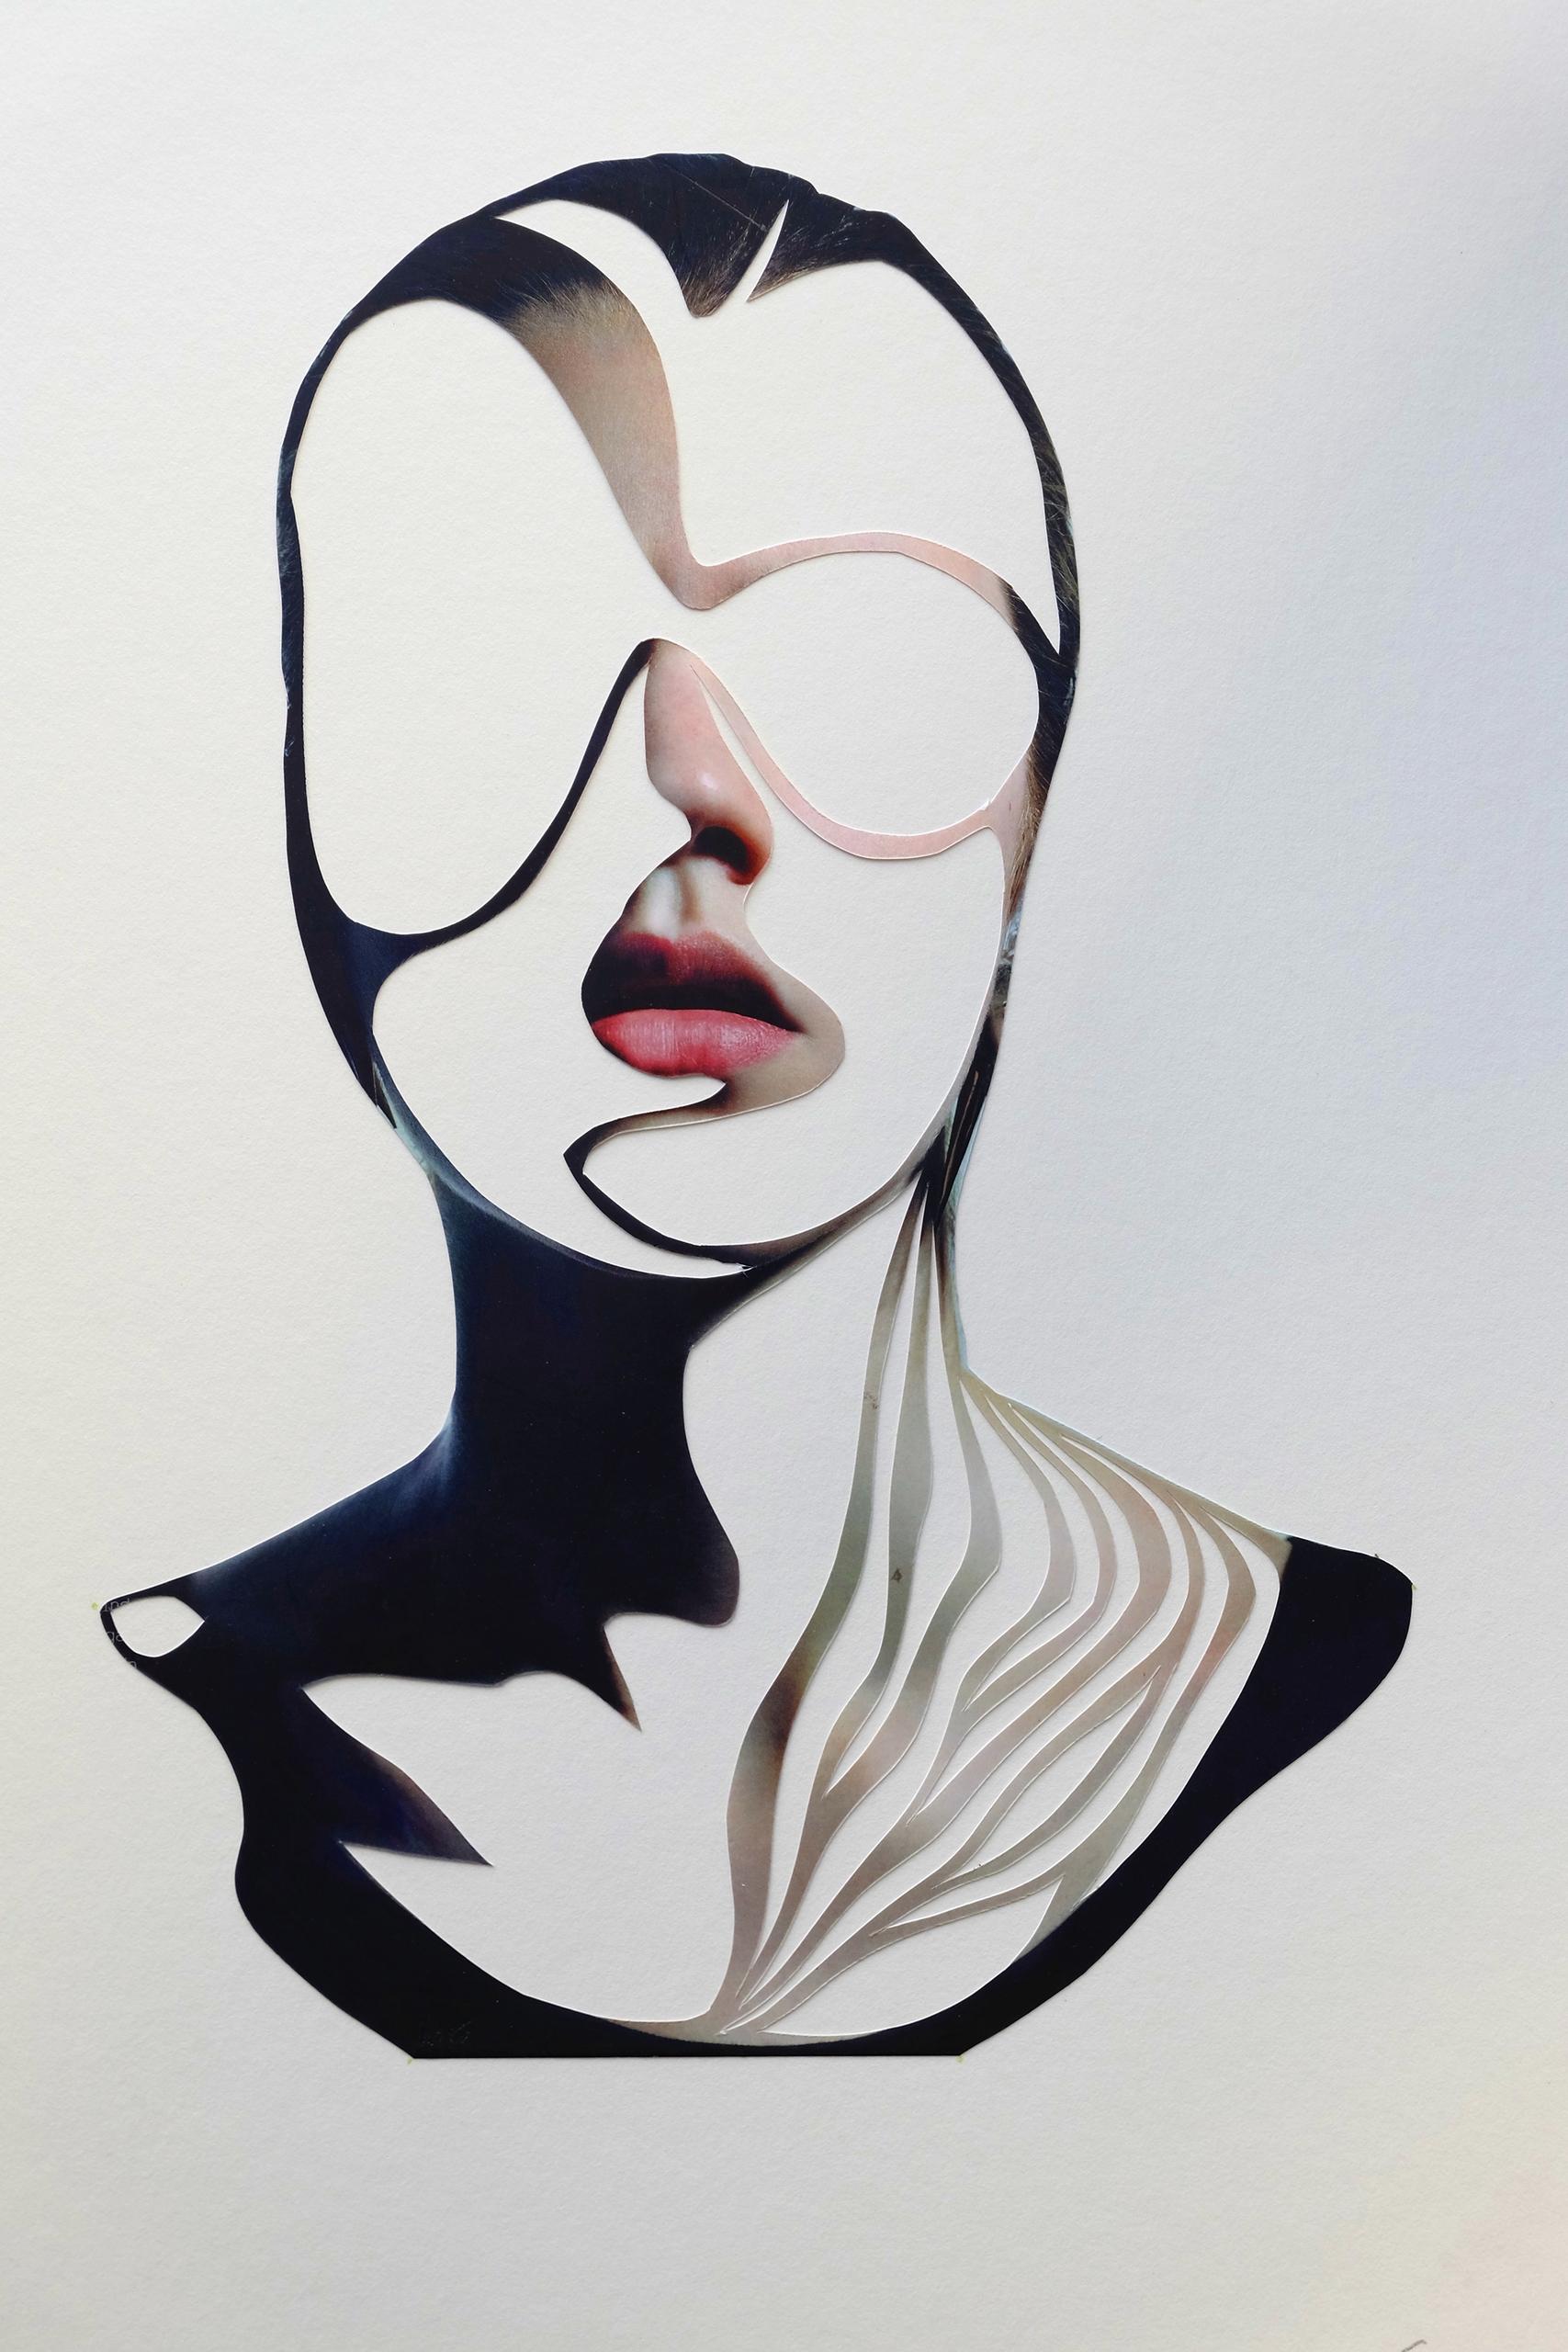 photography, cutout, papercutting - marcogallotta | ello